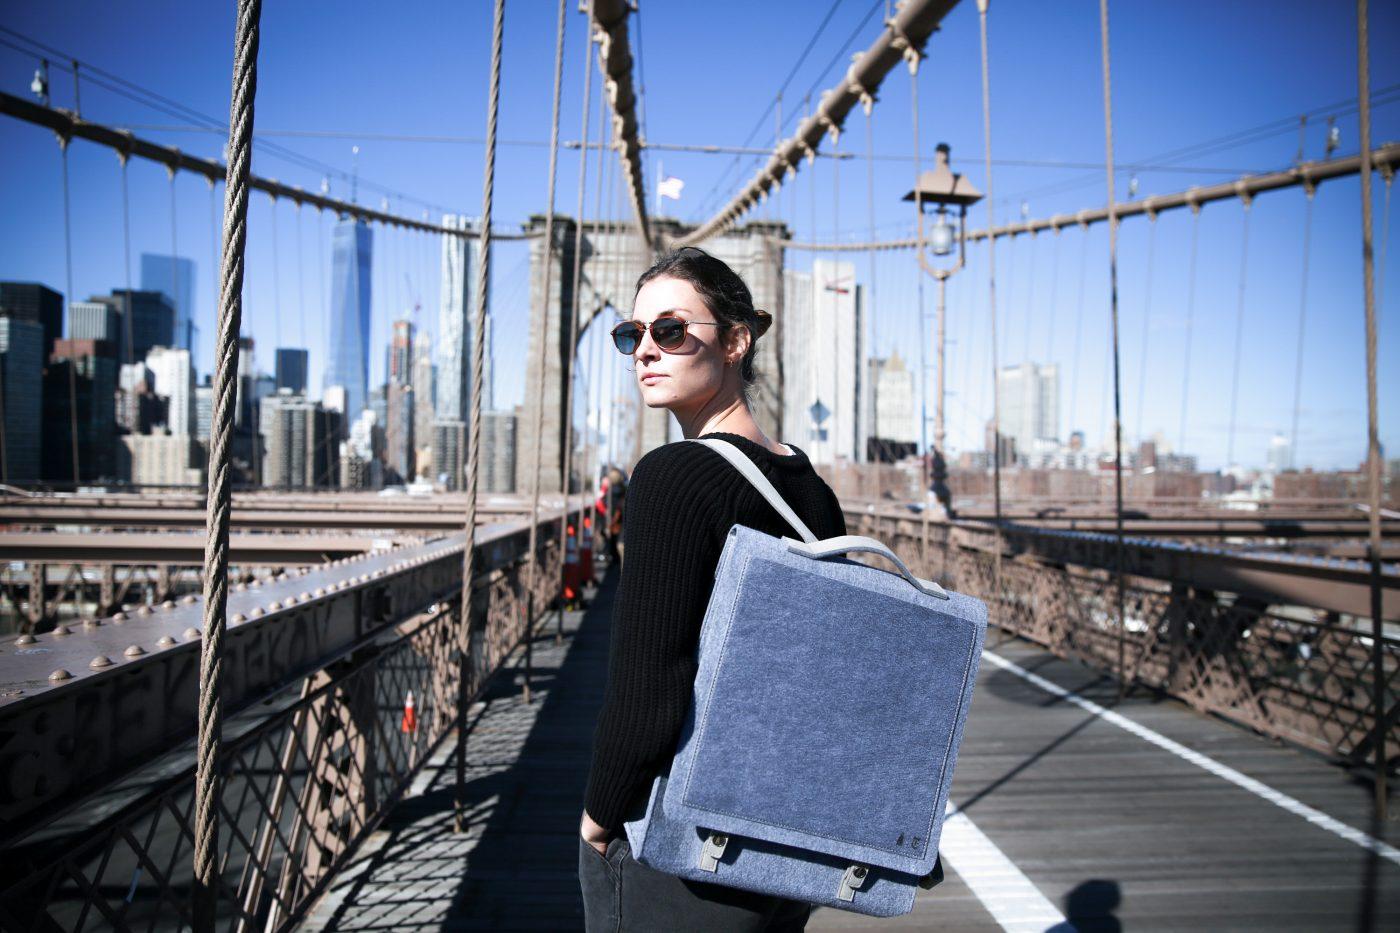 534190n_brooklyn-backpack_elephantgrey-stone-grey_3